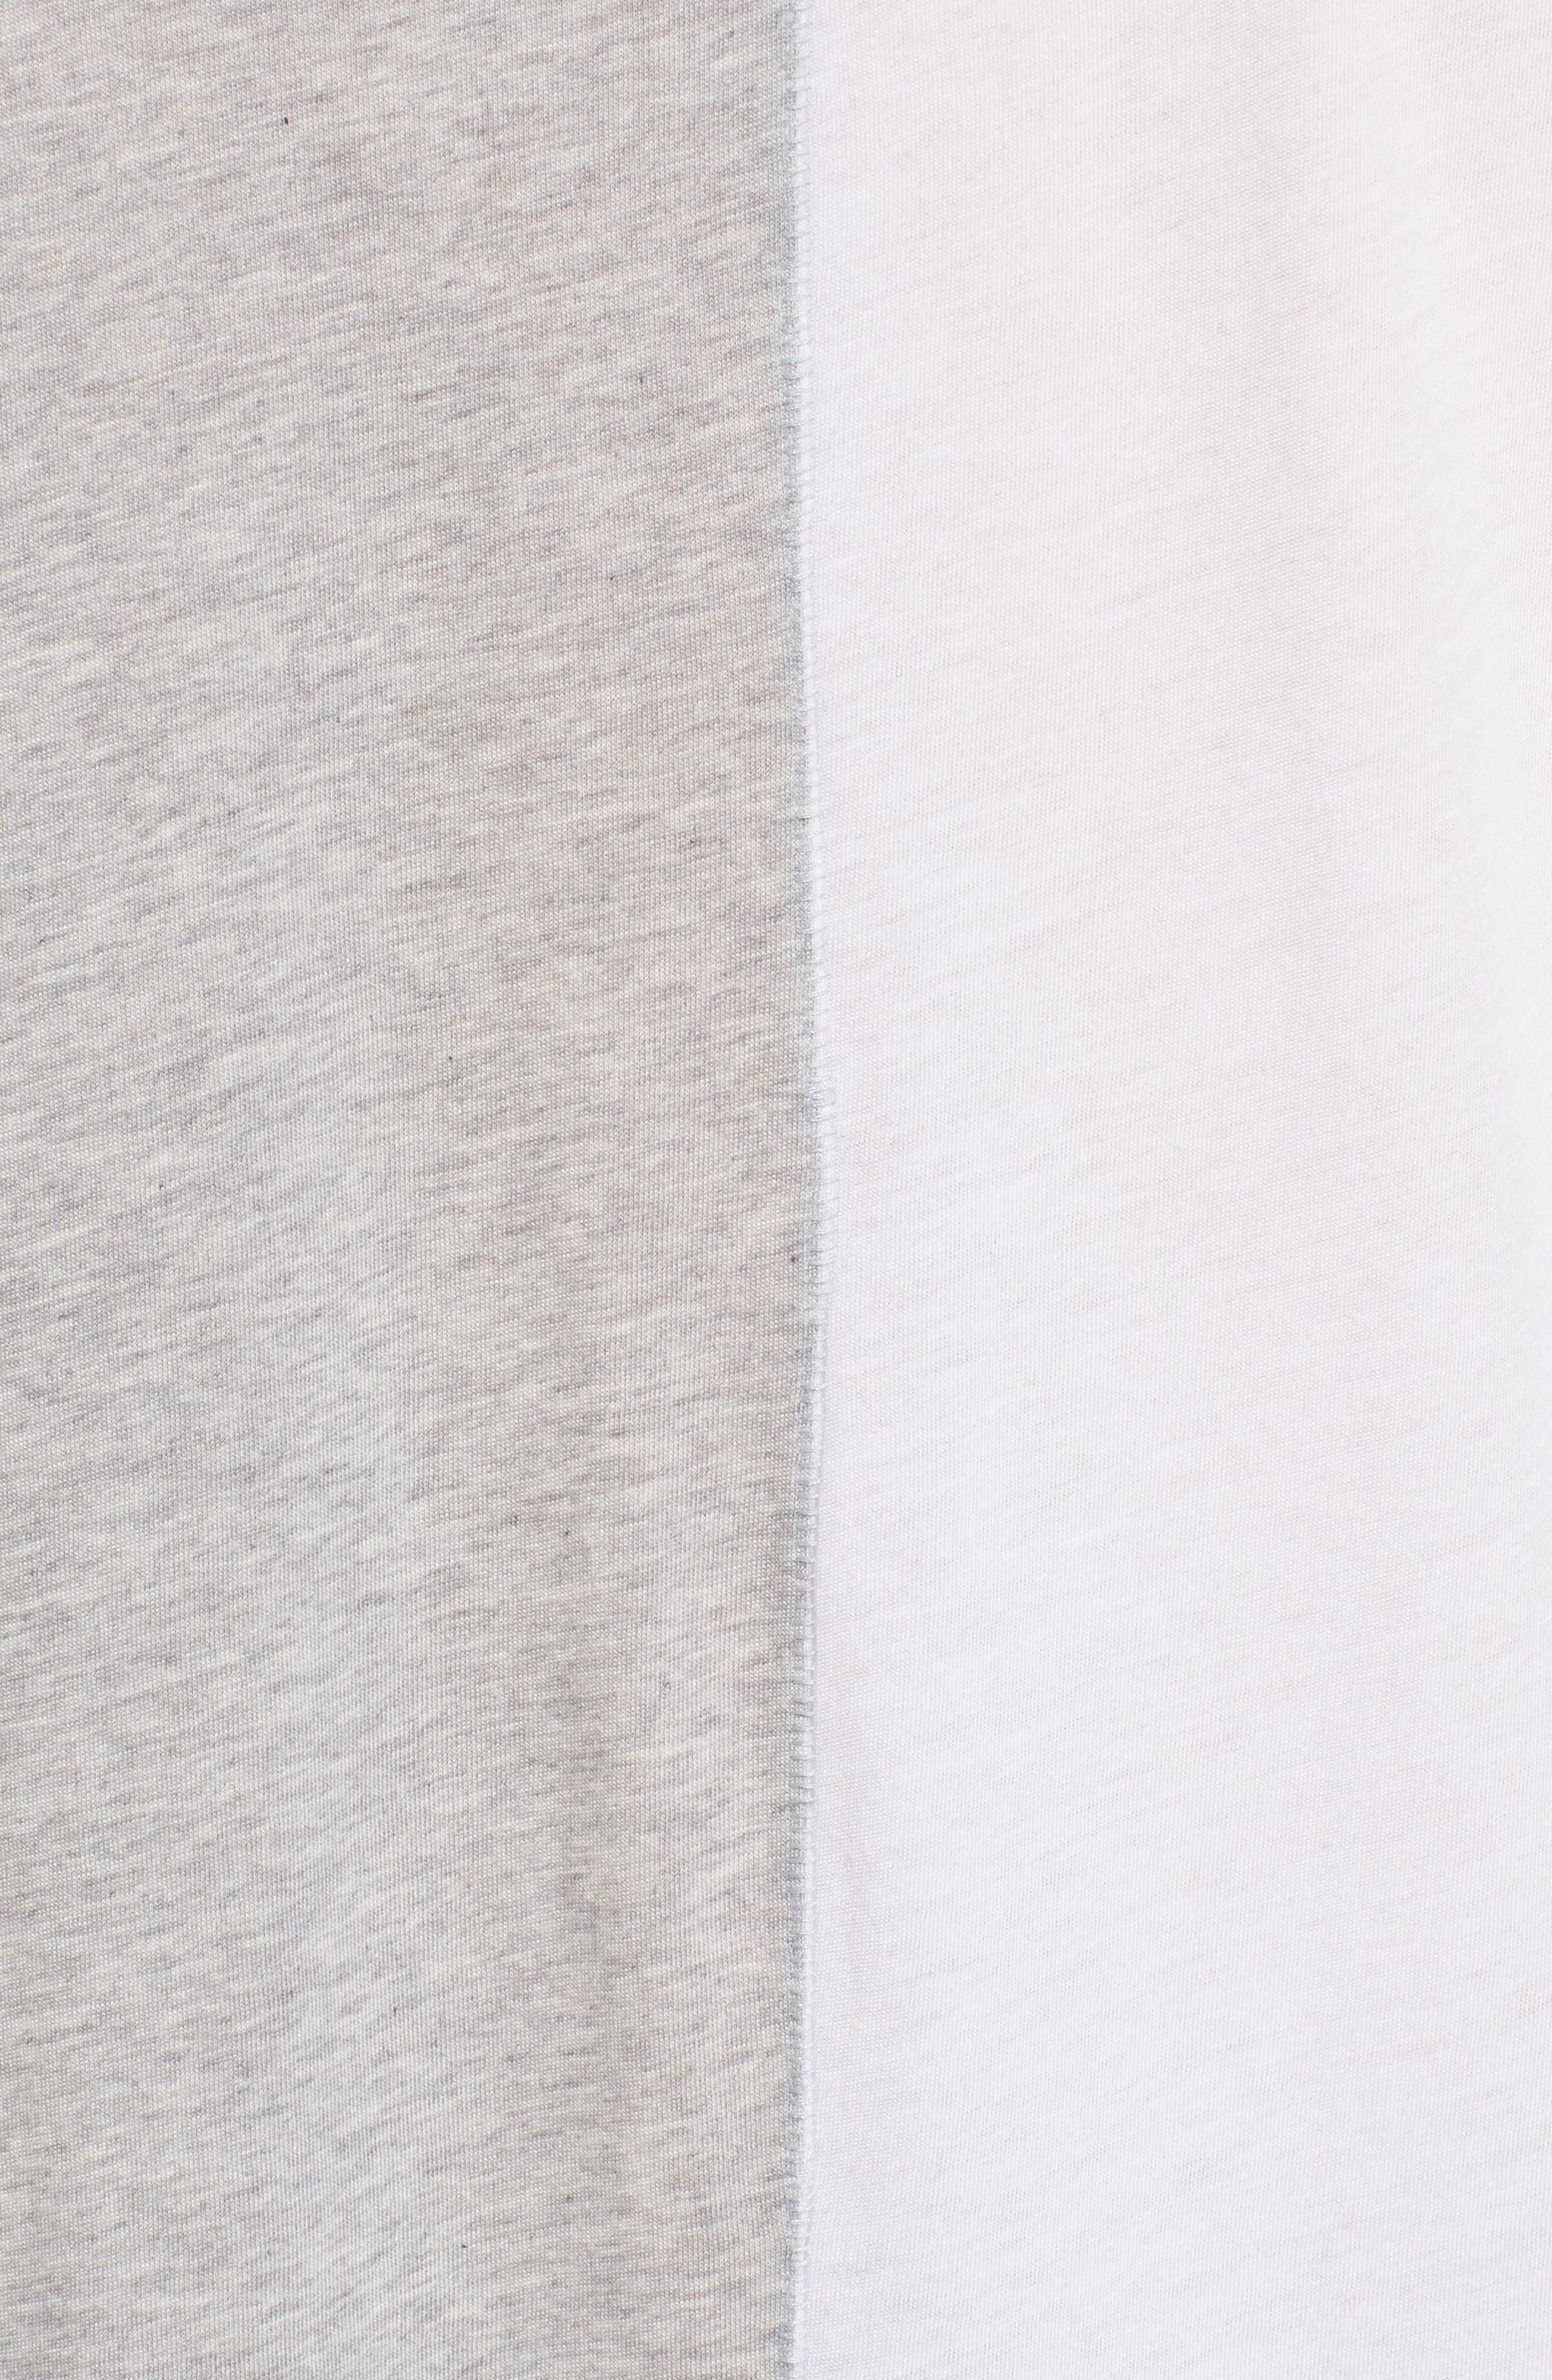 Boxy Splice T-Shirt,                             Alternate thumbnail 5, color,                             100